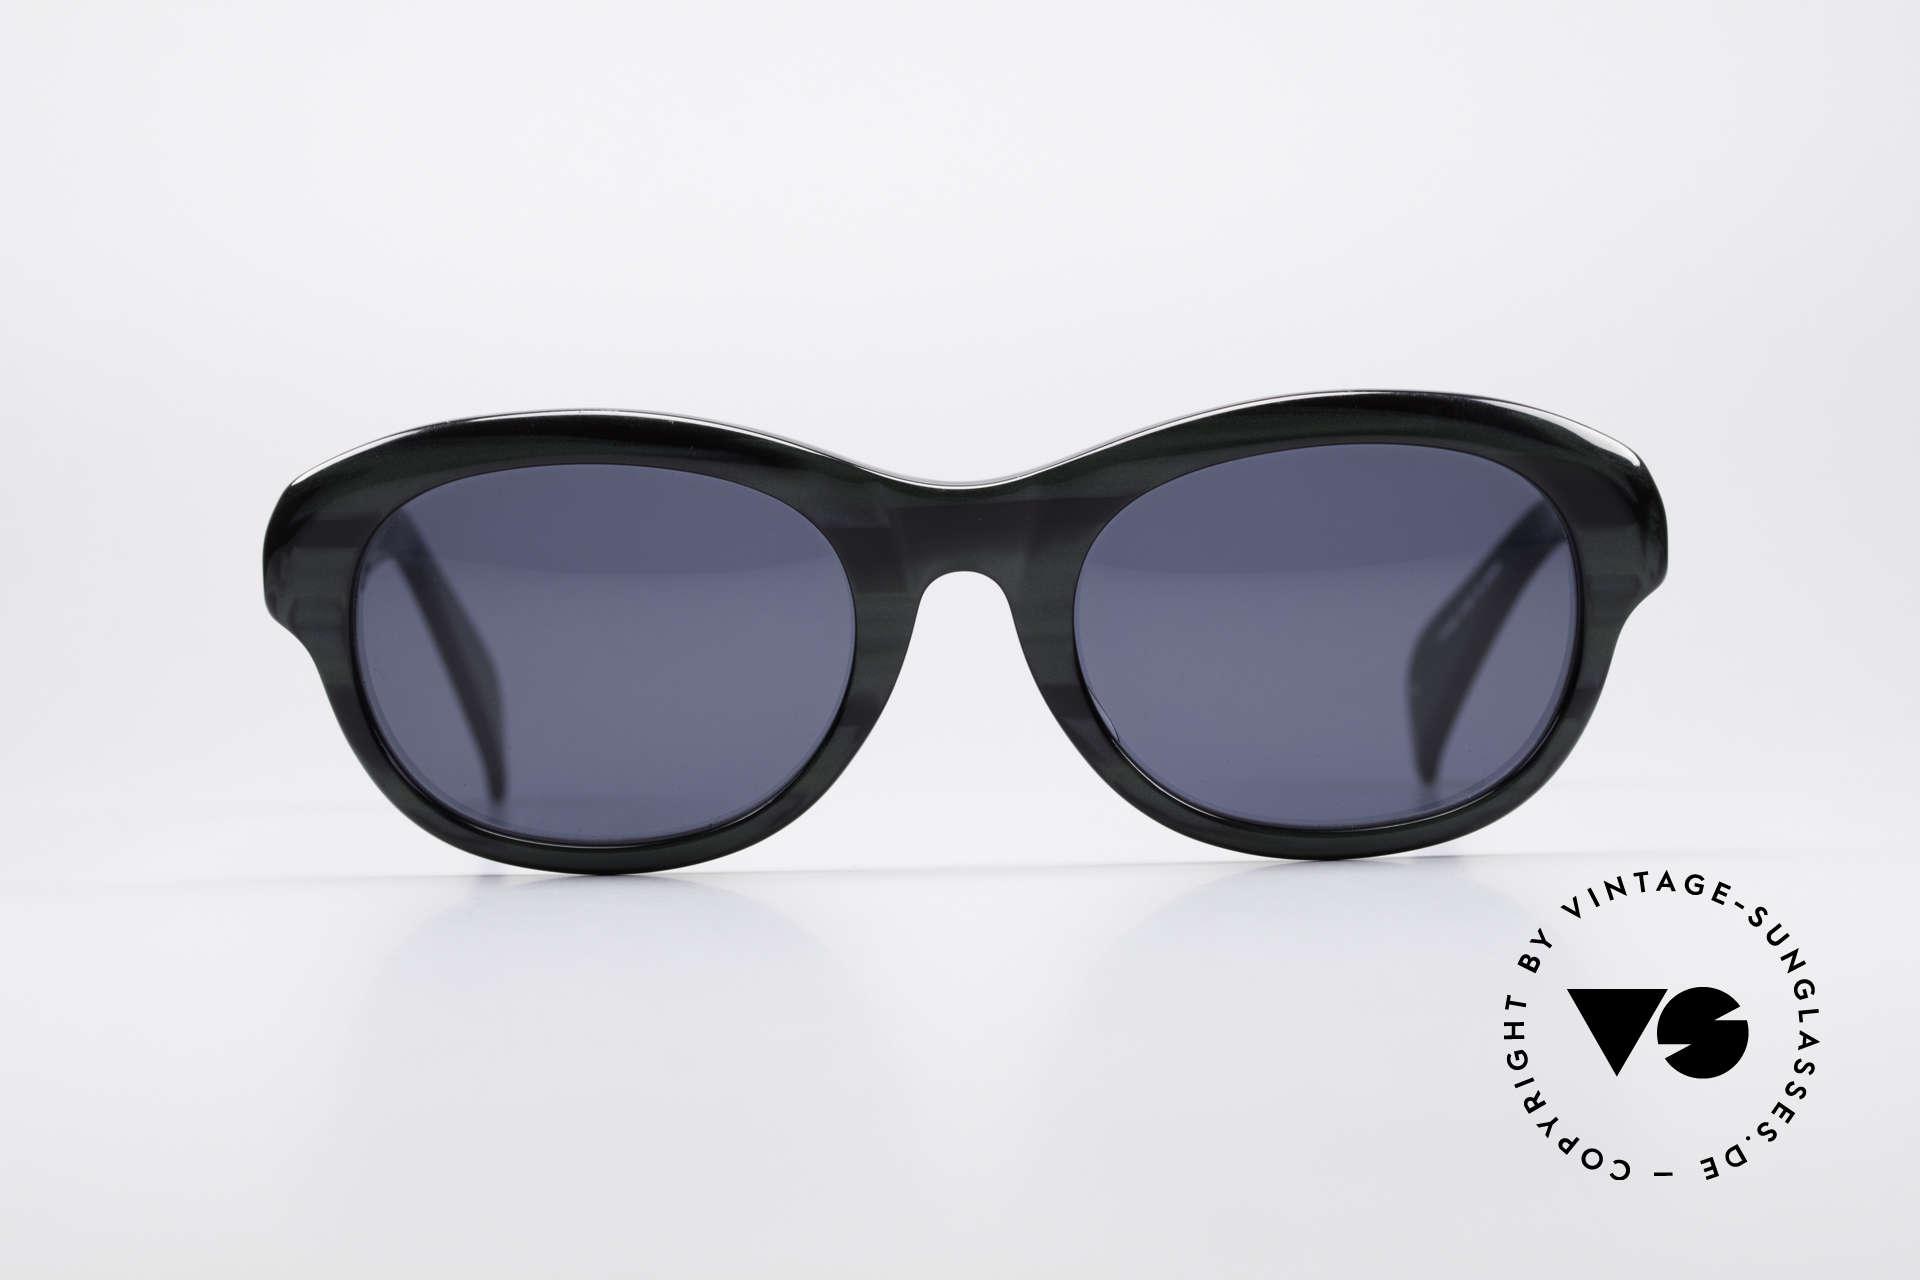 Jean Paul Gaultier 56-2071 True Vintage No Retro Brille, tolle Materialkombinationen in wahrer Top-Qualität, Passend für Damen